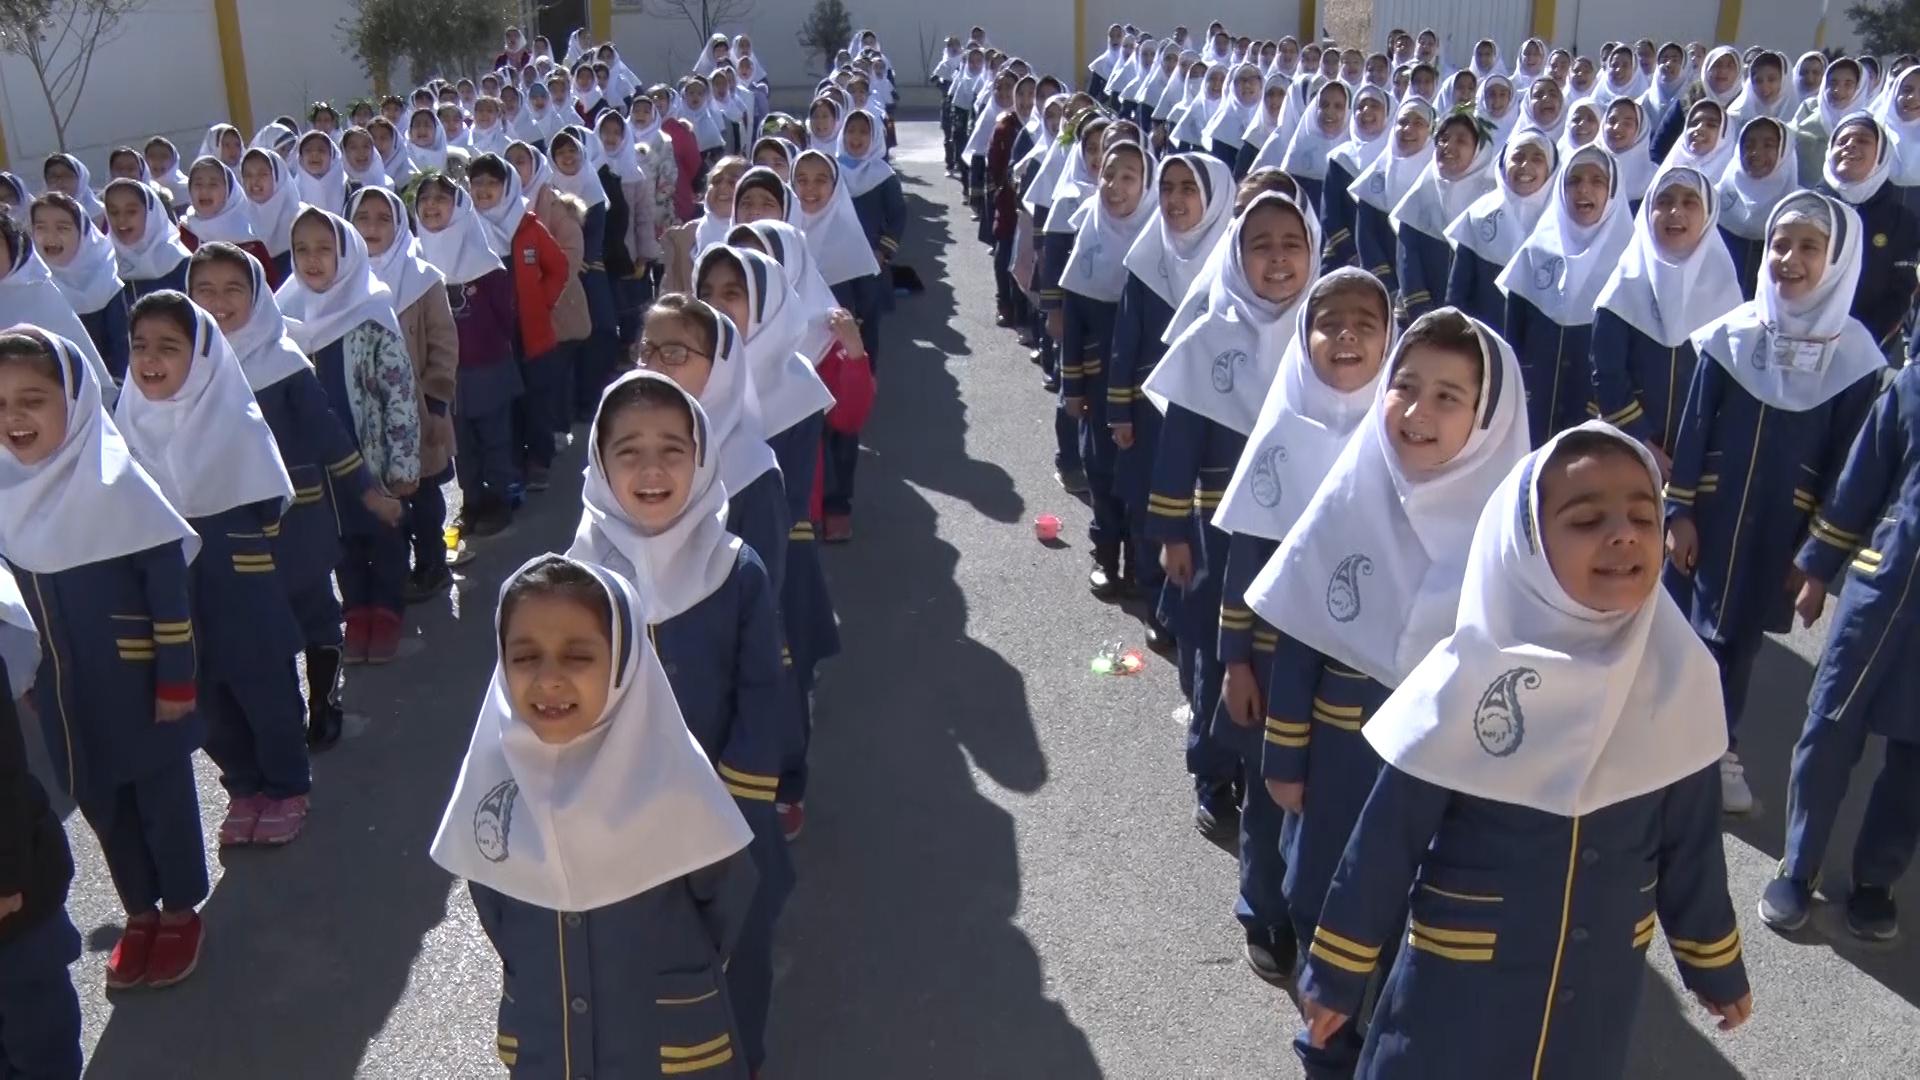 بازگشت مدارس نجف آباد به روال قبل بازگشت مدارس نجف آباد به روال قبل بازگشت مدارس نجف آباد به روال قبل 4425502 262